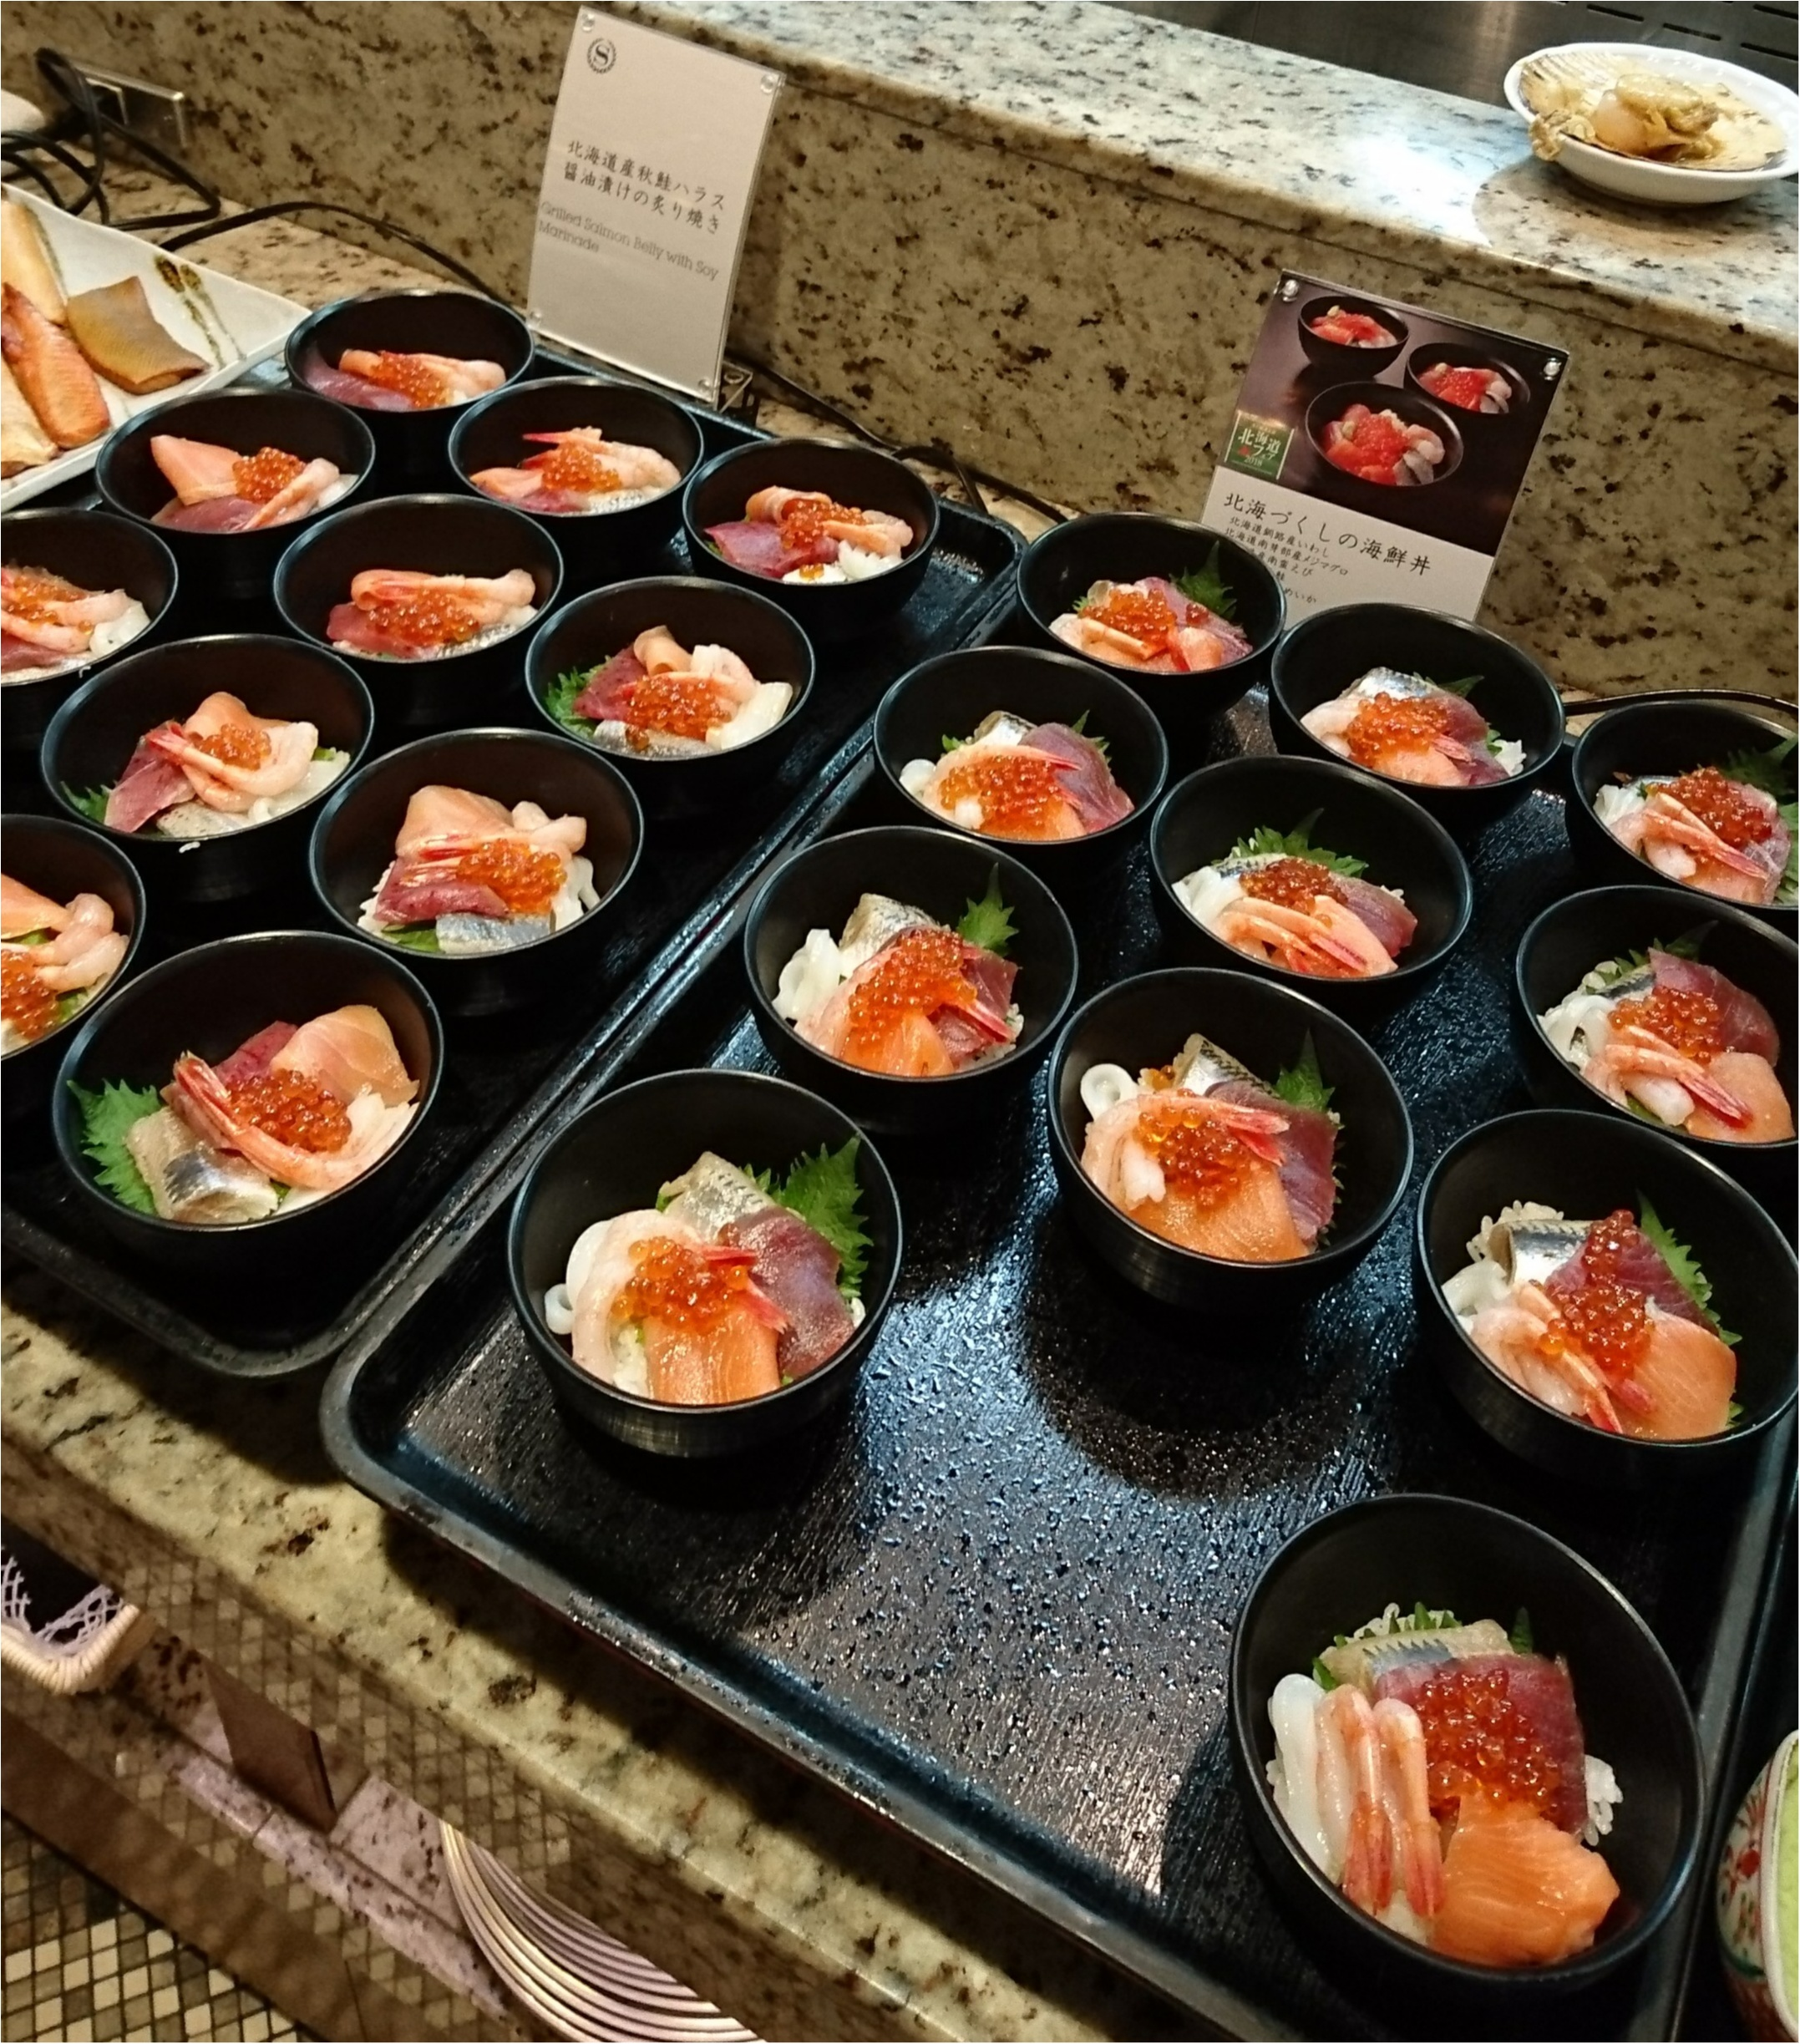 【ランチビュッフェ】おいしいものがたくさんの北海道フェアで大満足(〃ω〃)!_3